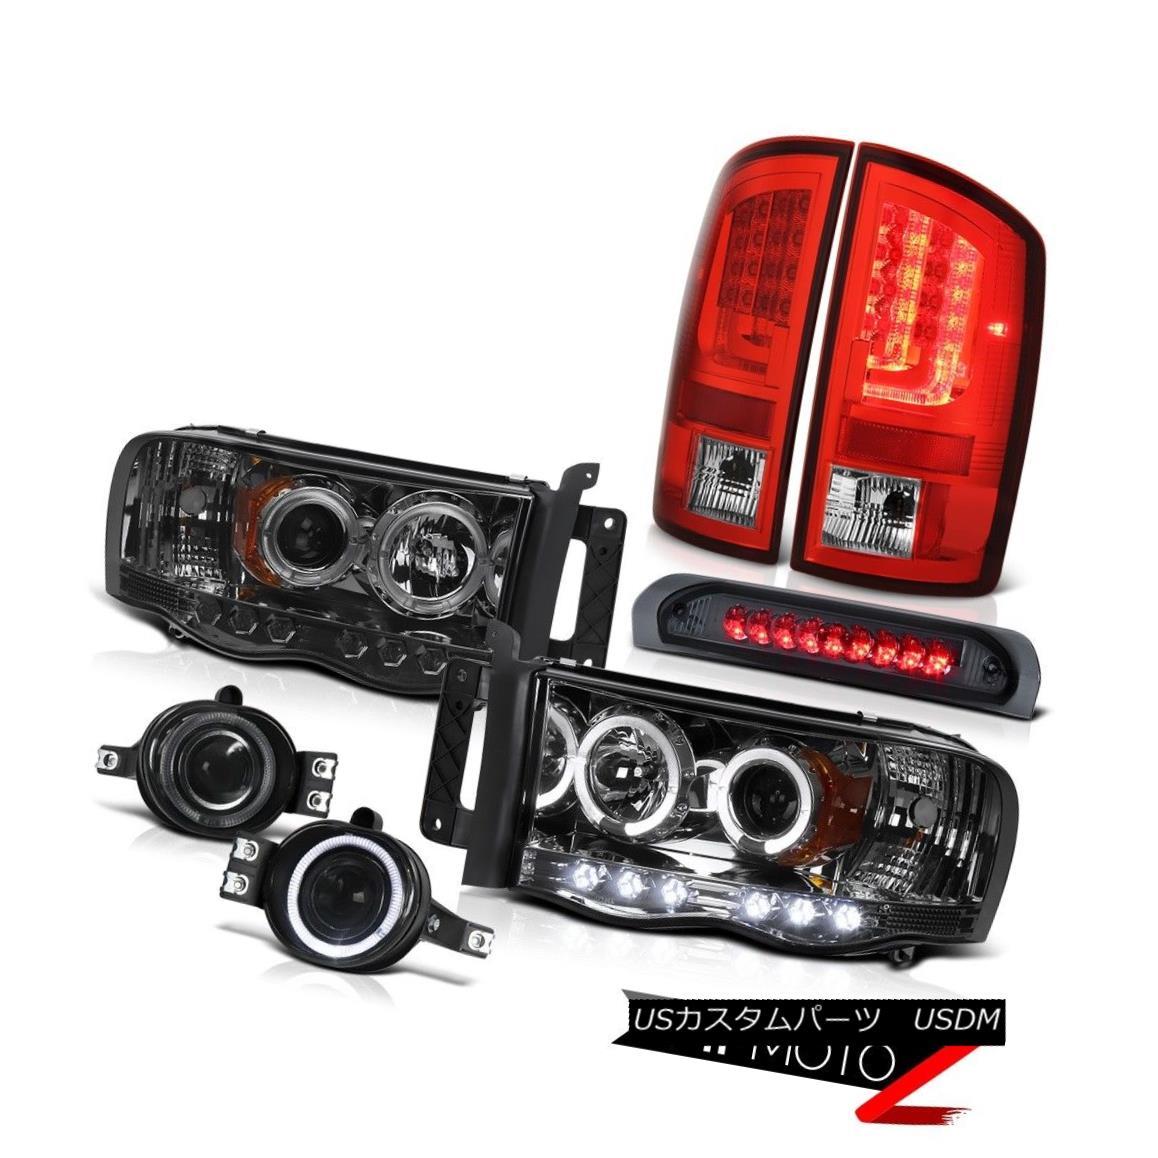 テールライト 2003-2005 Dodge Ram 3500 SLT Red Taillamps Headlights Fog Lamps High STop Light 2003-2005ダッジ・ラム3500 SLTレッド・タイルランプヘッドライトフォグ・ランプハイ・ストップ・ライト